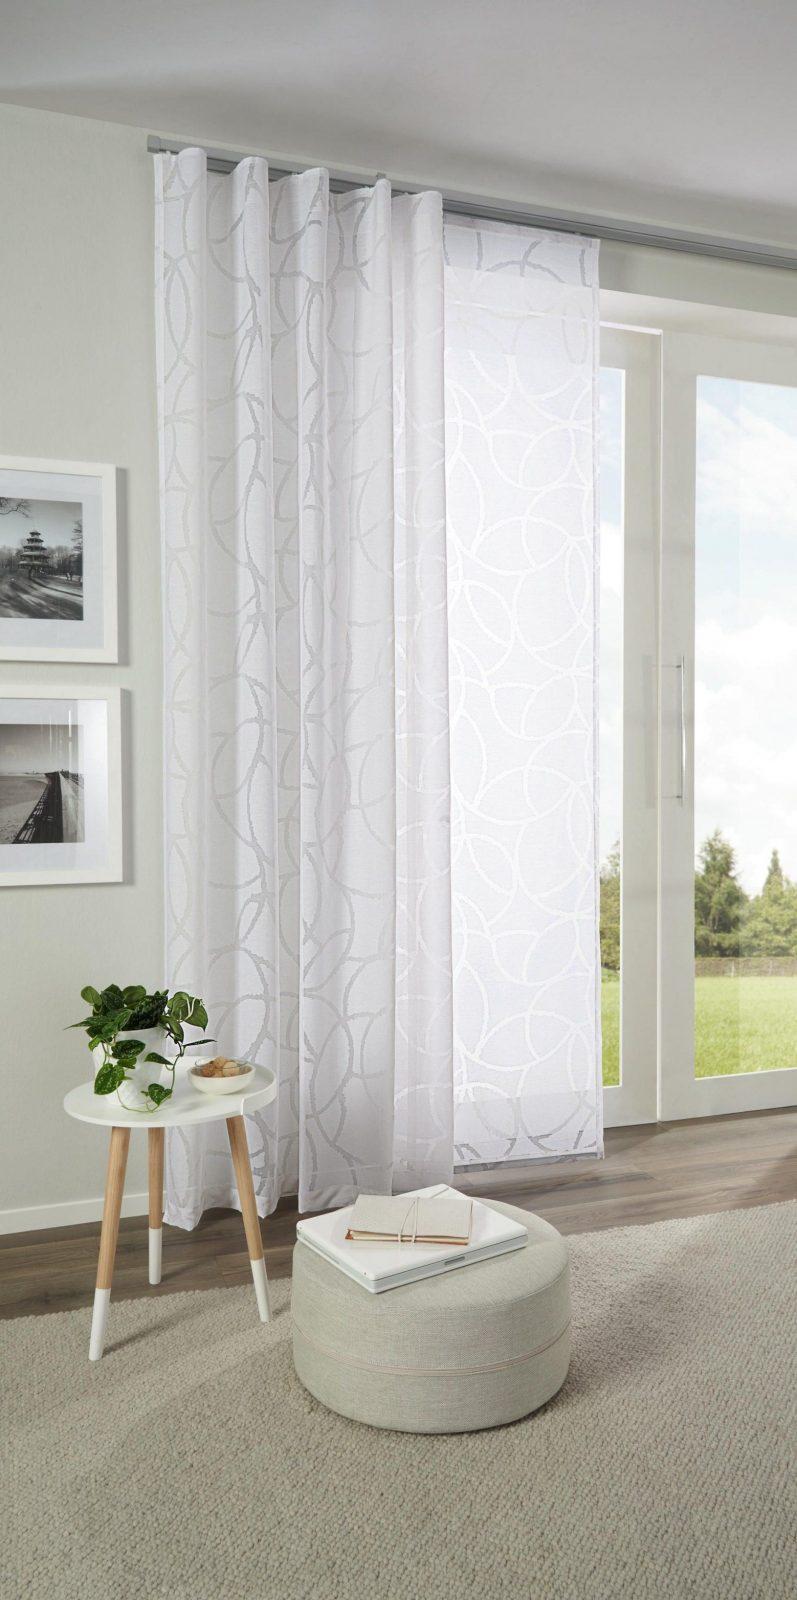 Hübscher Vorhang Mit Zartem Muster In Weiß Von Esposa  Curtains von Wohnzimmer Gardinen Angebote Photo